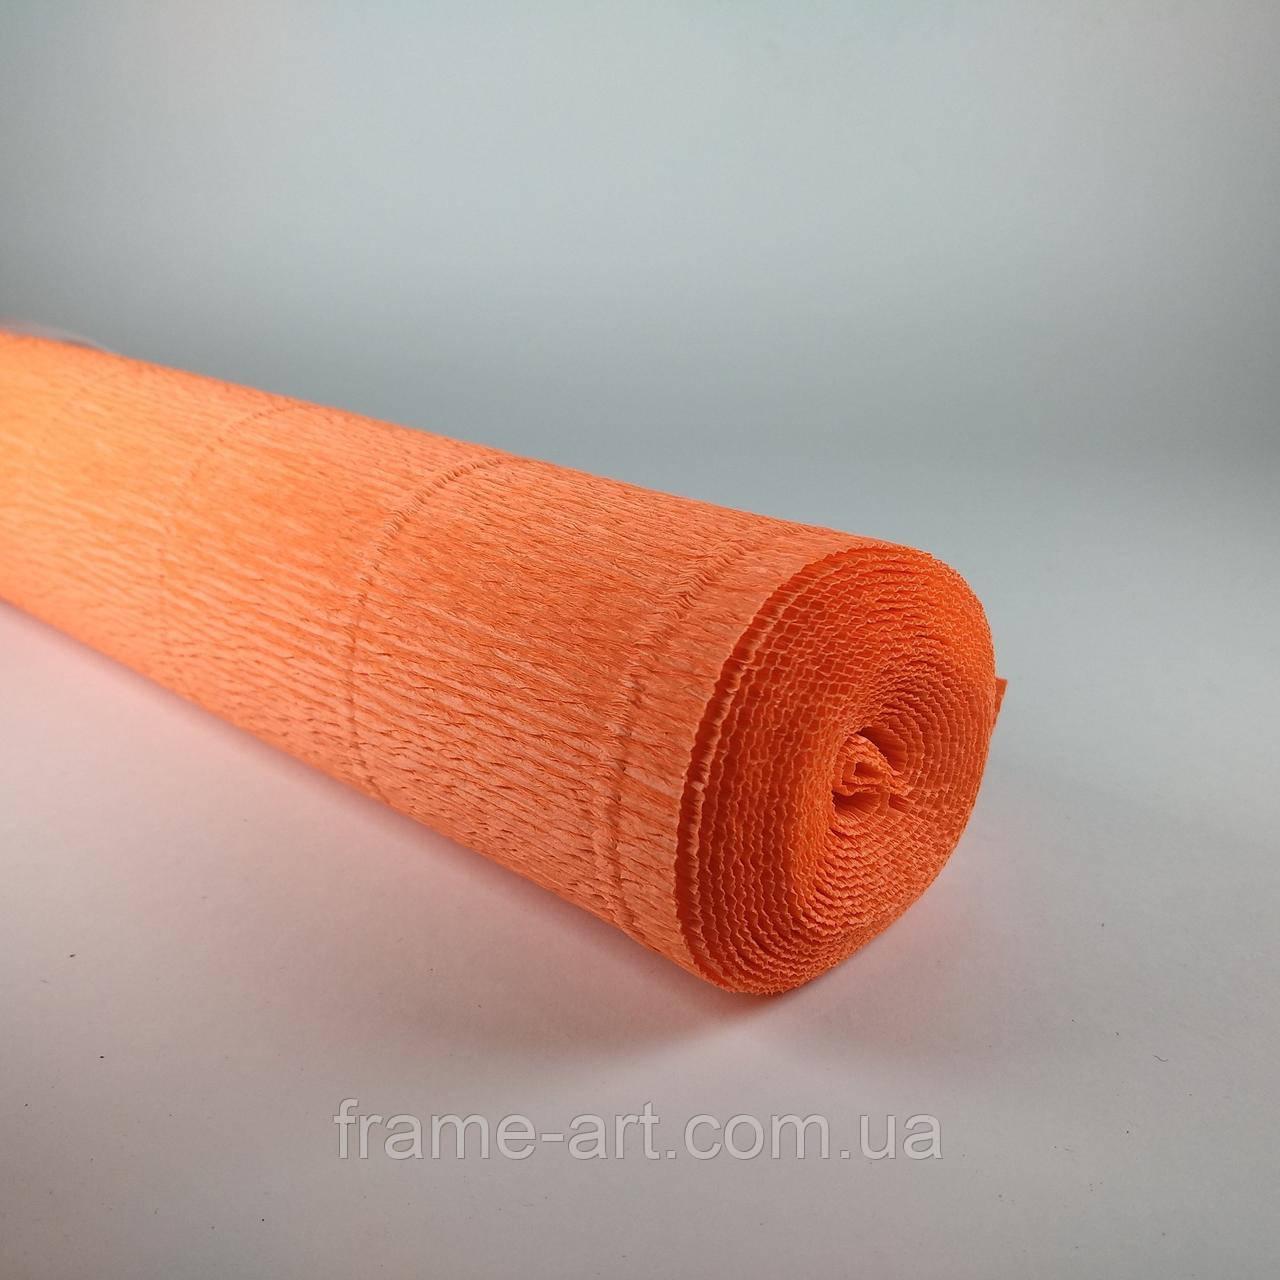 Креп-бумага Италия 50см*2,5м 180г/м2 581 оранжевый 074